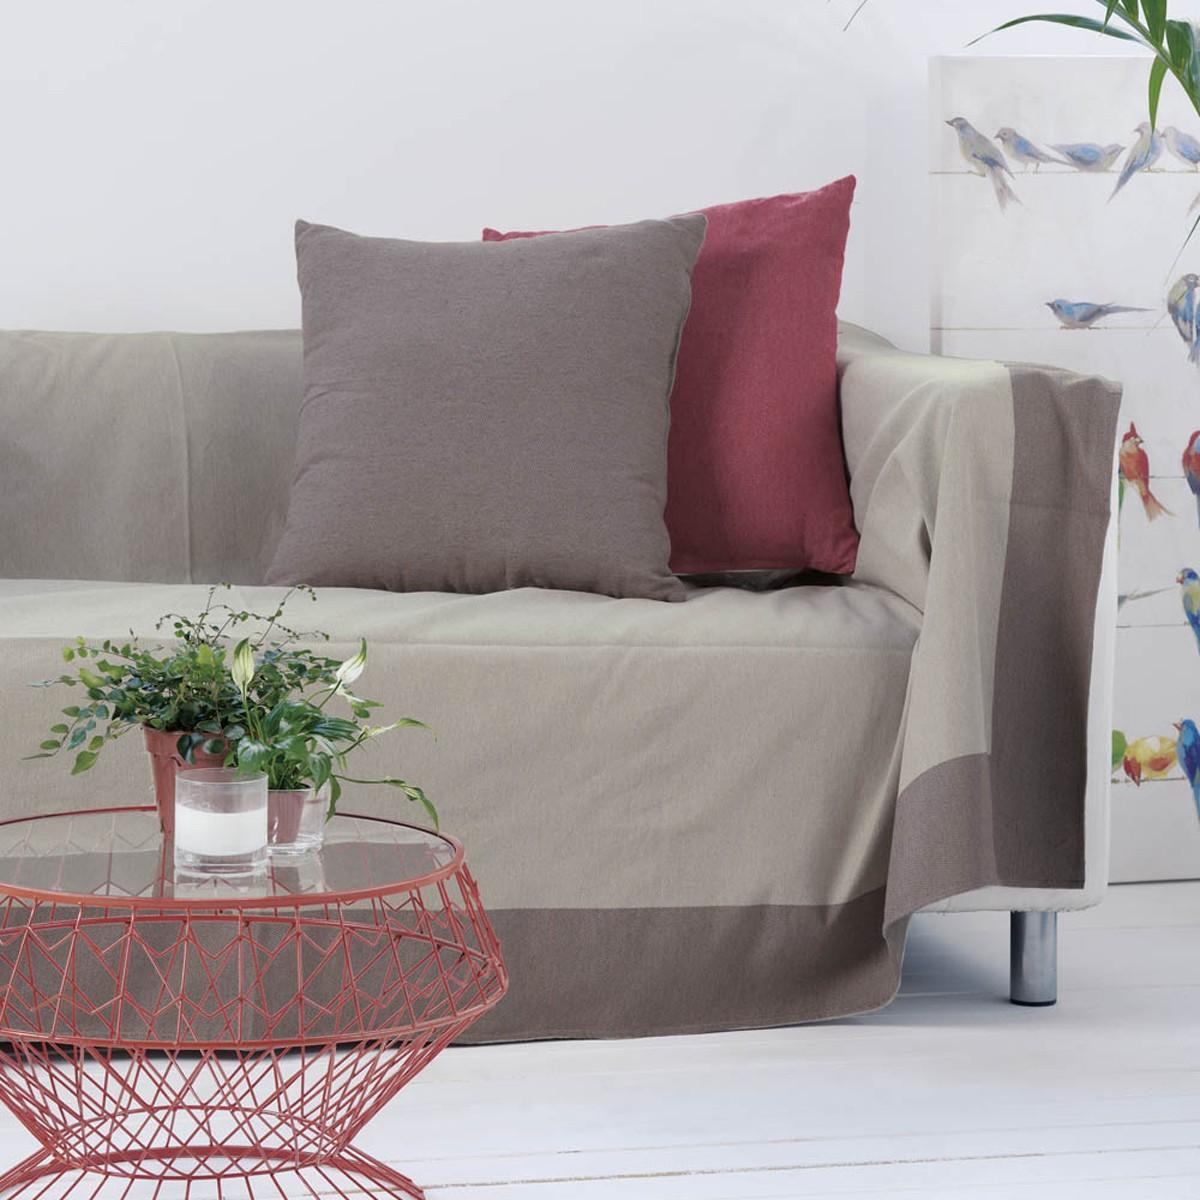 Διακοσμητική Μαξιλαροθήκη Kentia Home Made Mara 04 65973